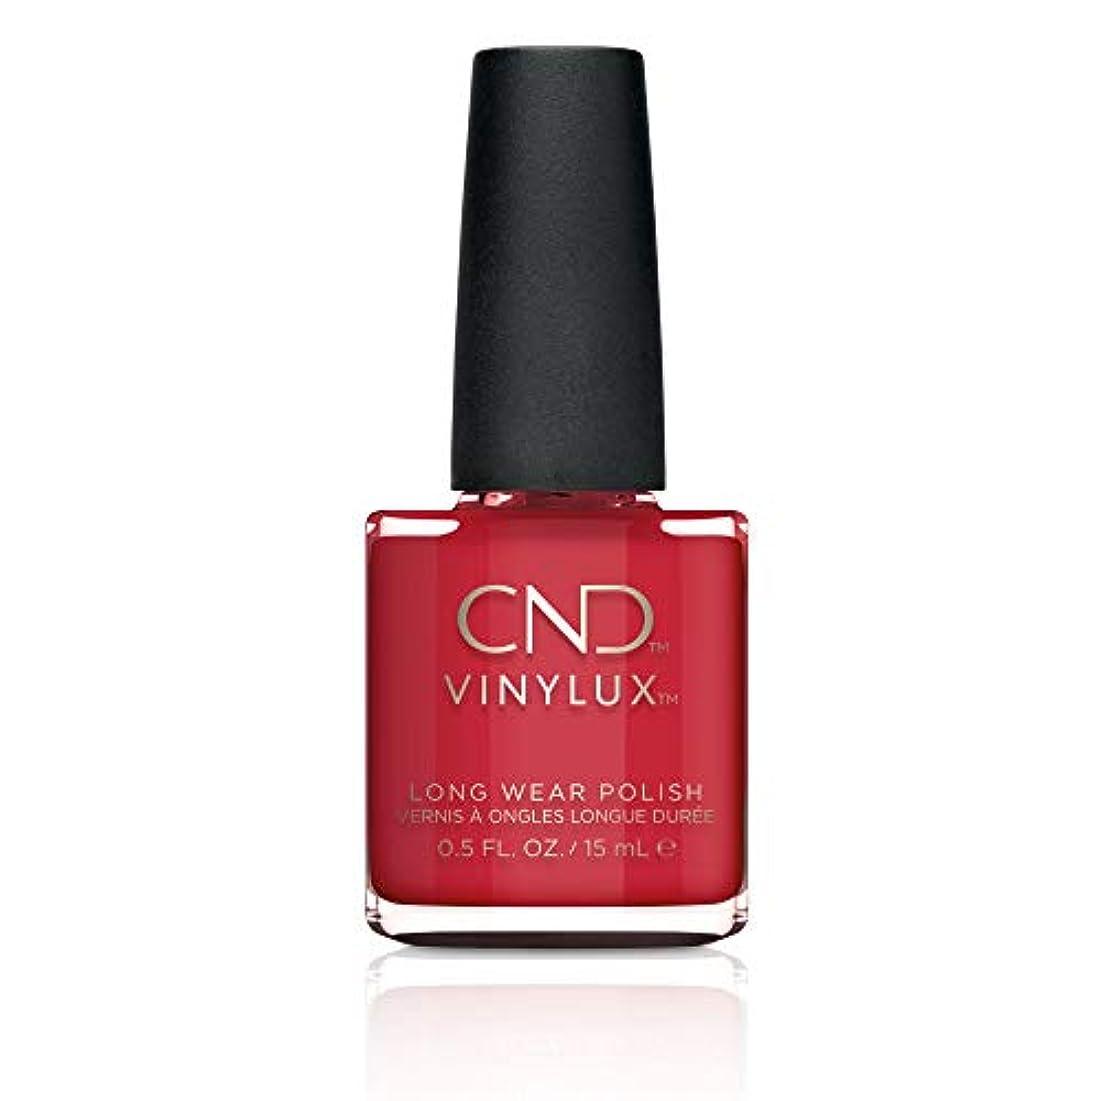 リベラルインターネット練るCND Vinylux Weekly Polish Colore 143 Rouge Red 15ml